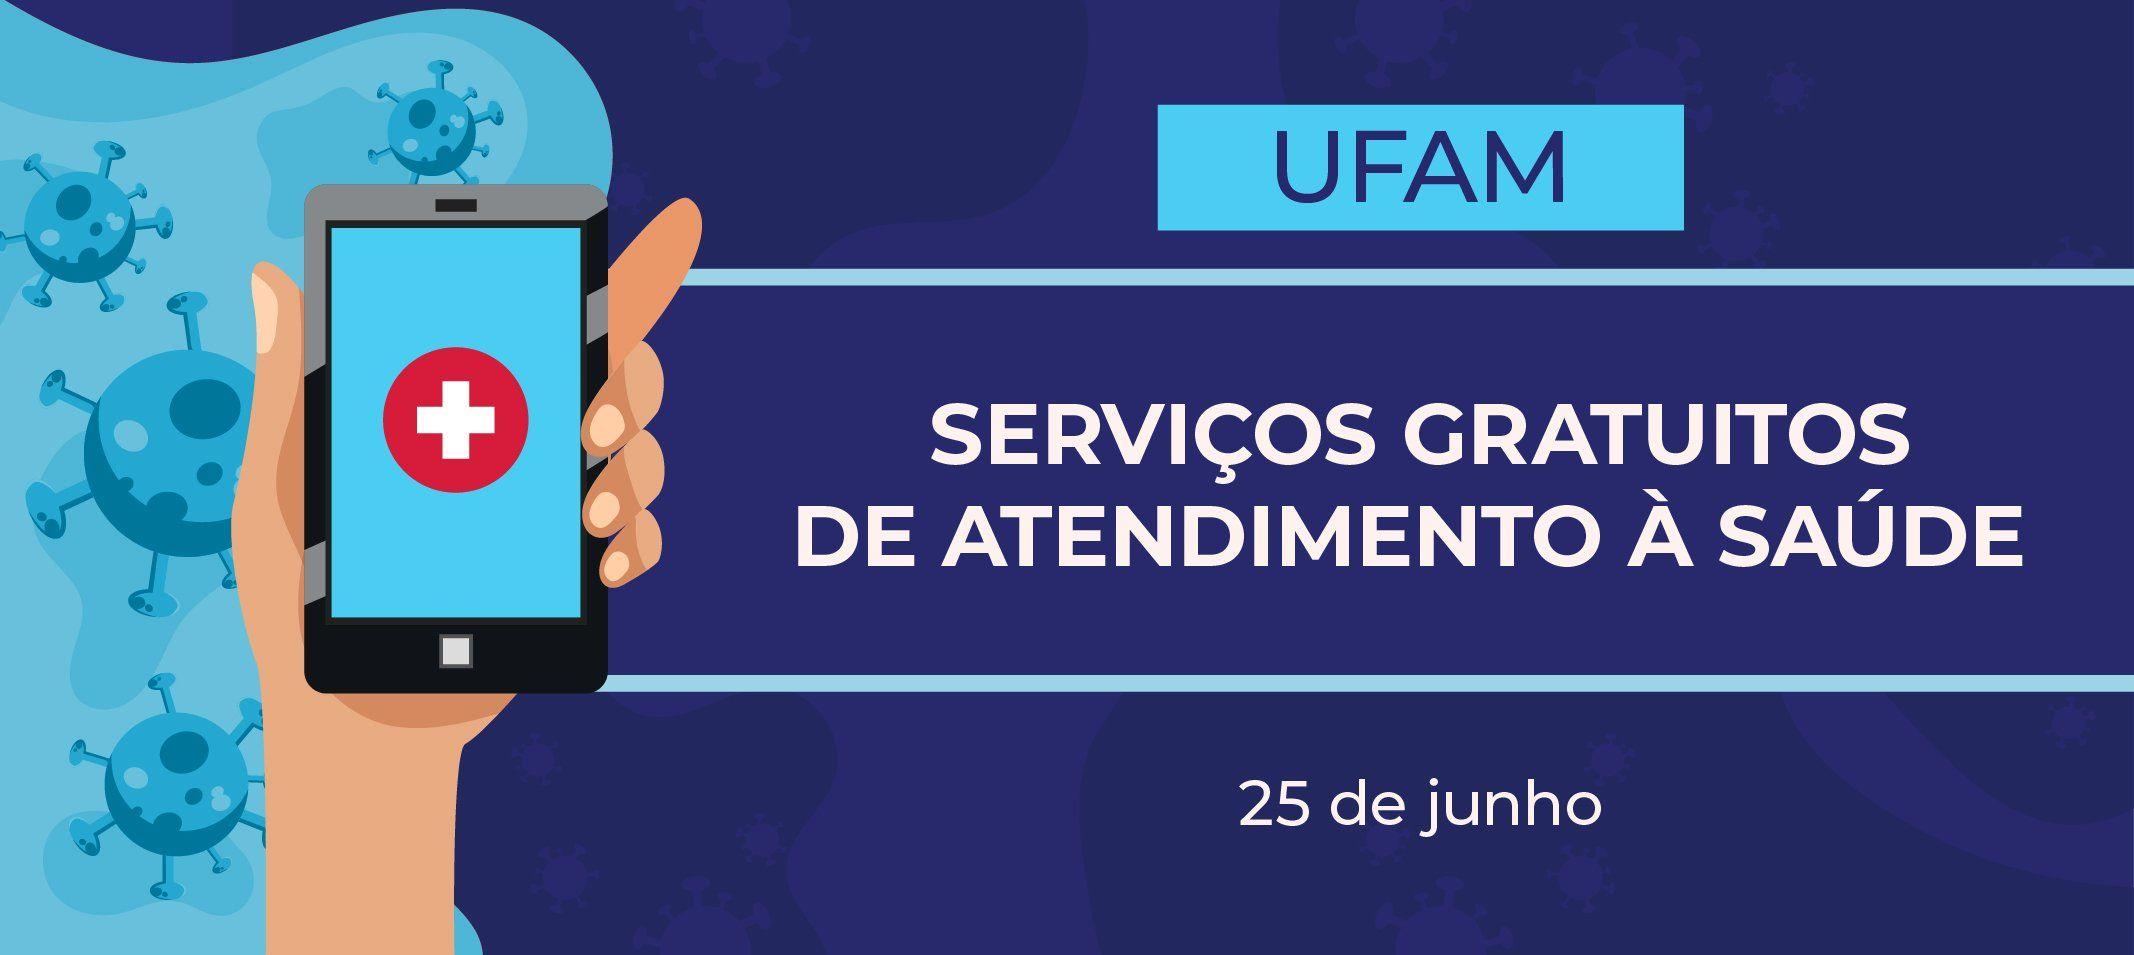 Ufam oferta serviços gratuitos de atendimento à saúde durante a pandemia